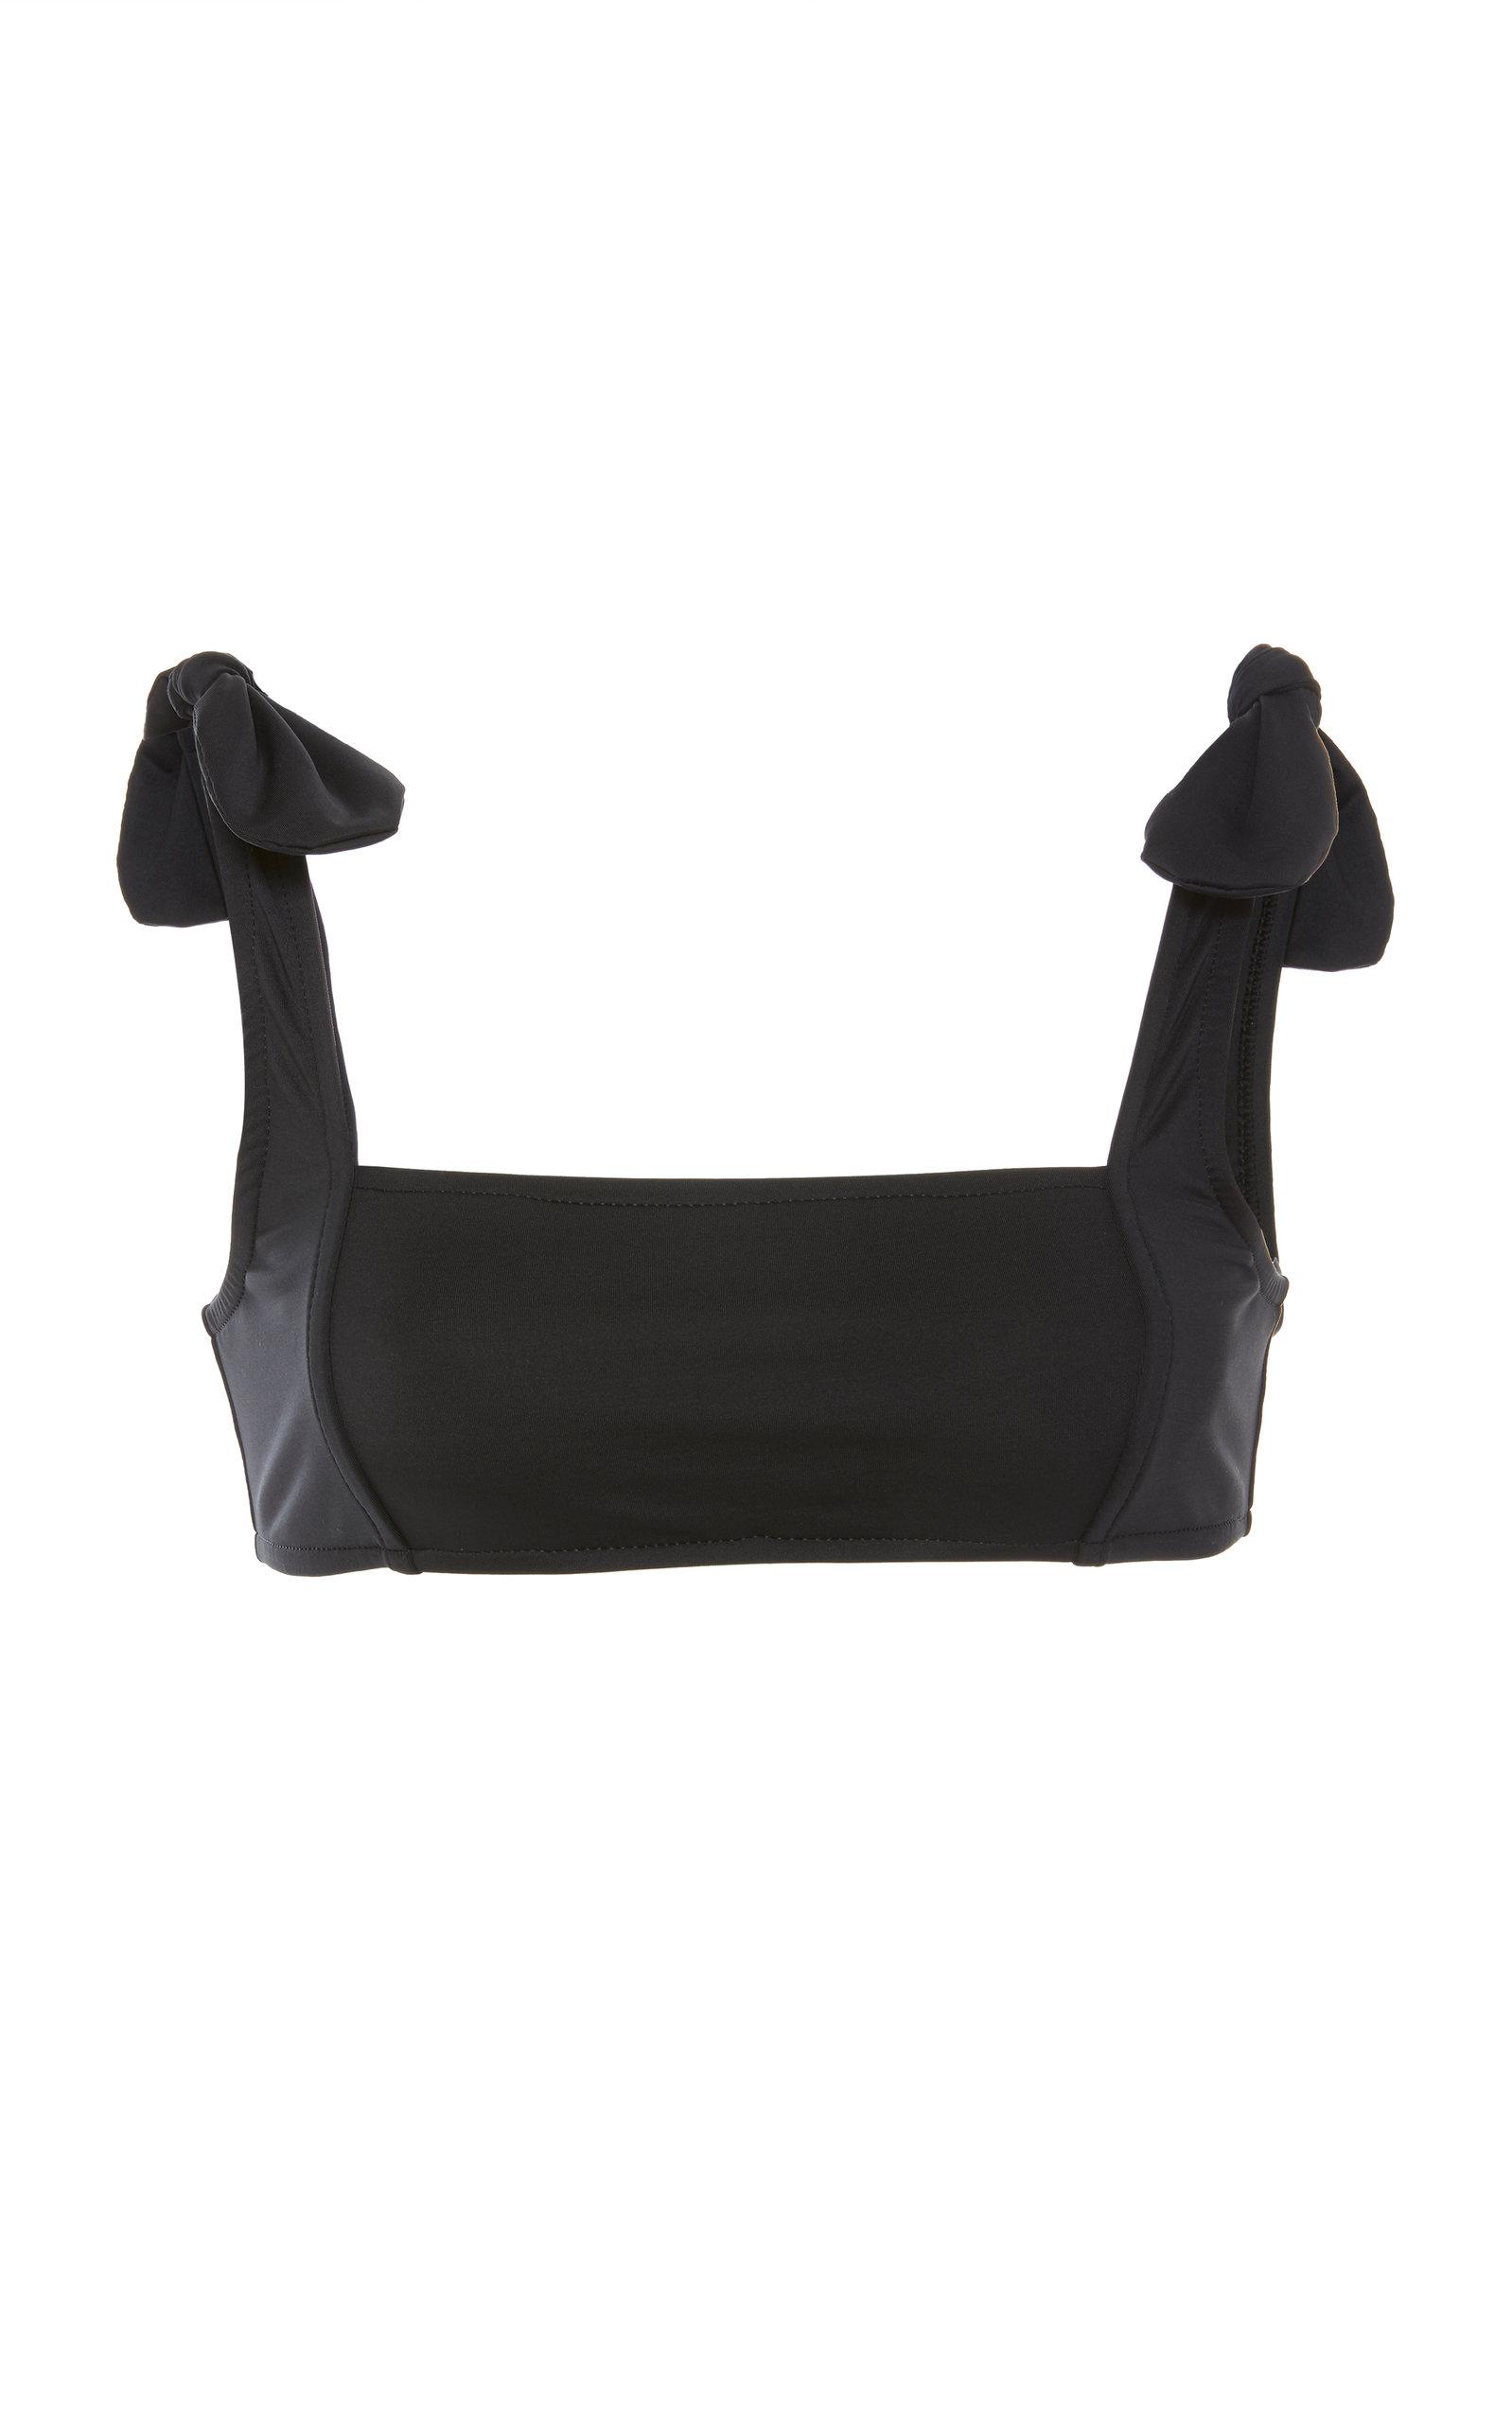 VERDE LIMON Morioka Square Neck Bikini Top in Black